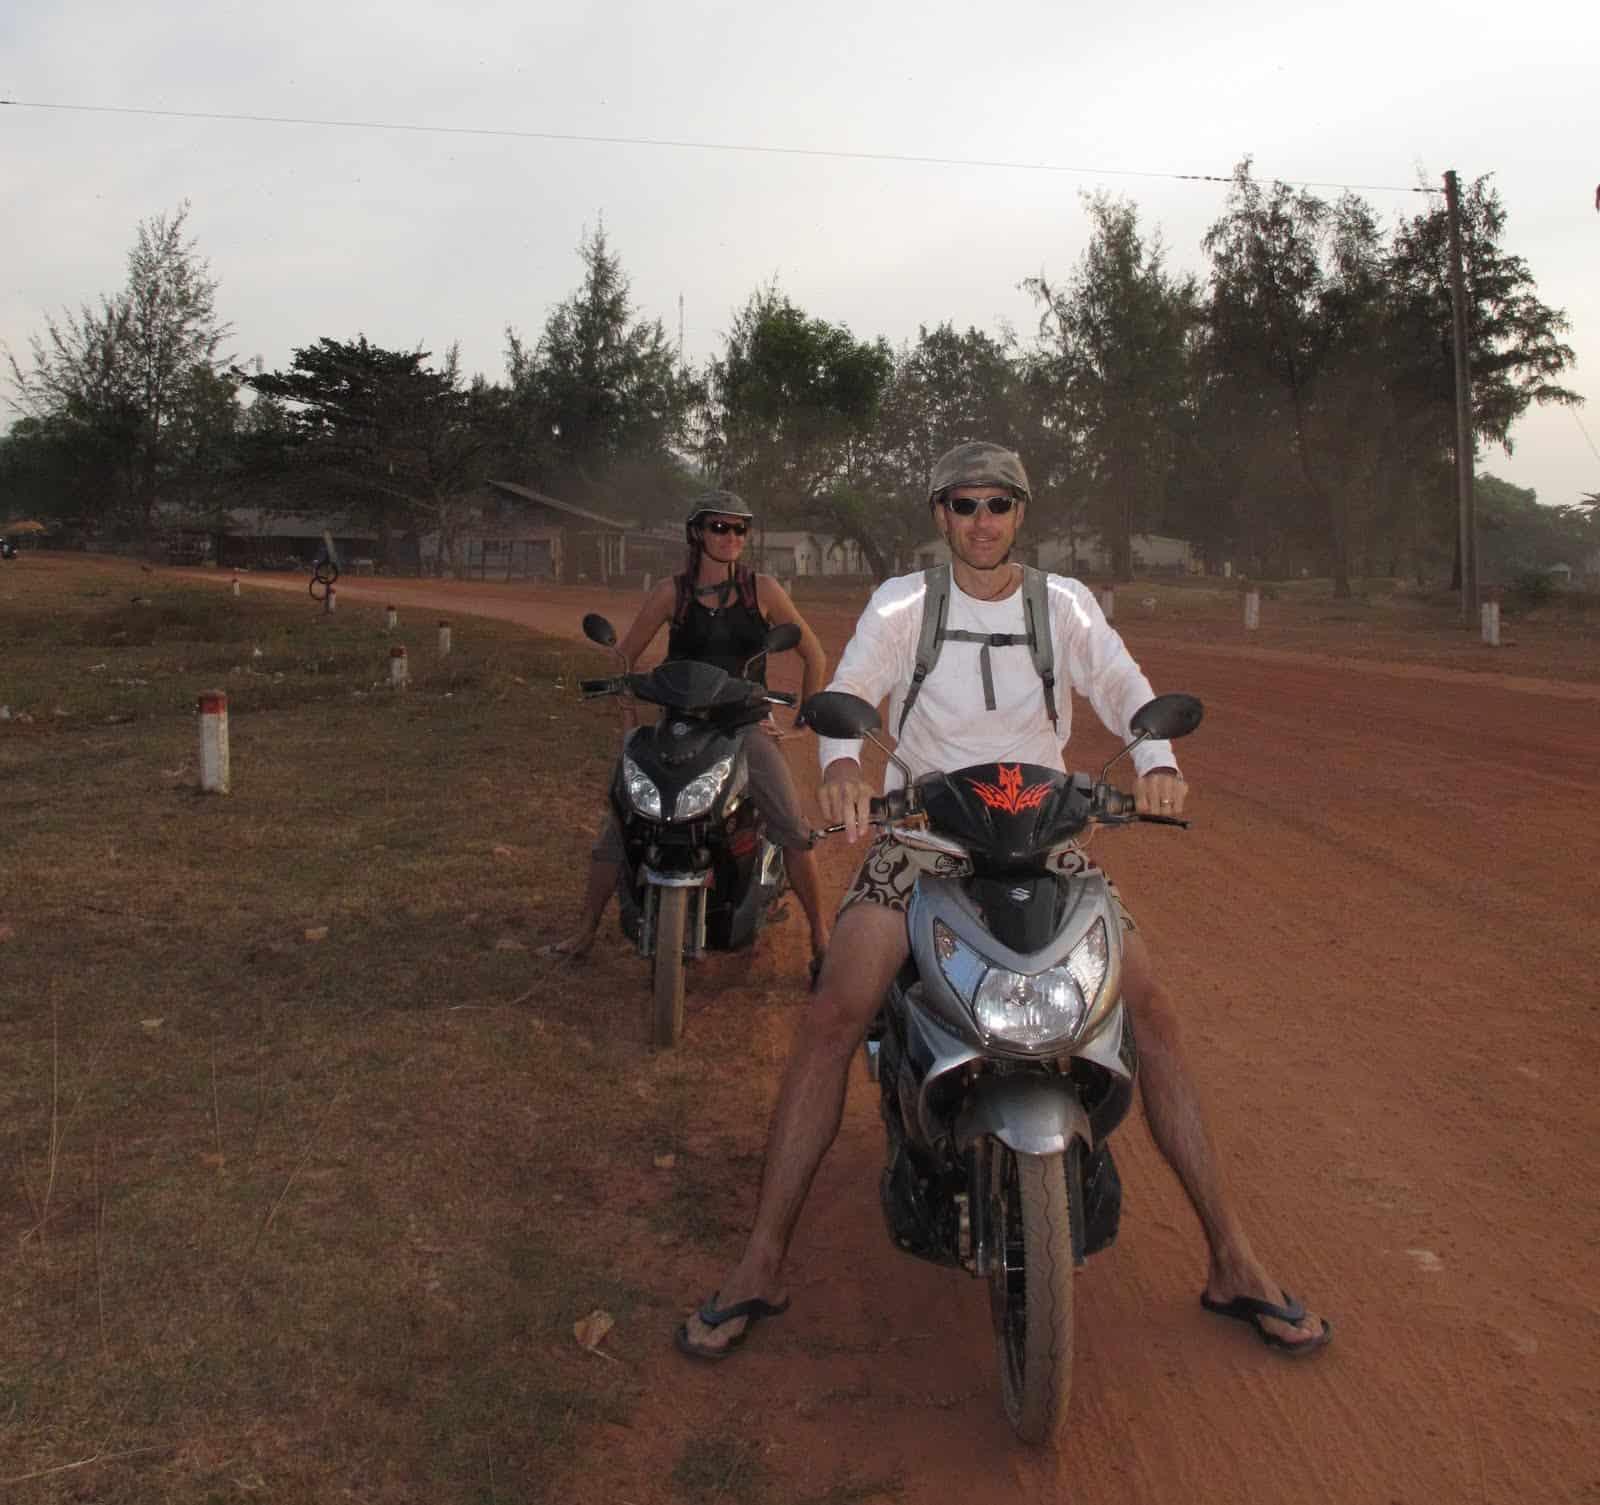 Jenny-and-brett-phu-quoc-motorbike-rental-trip